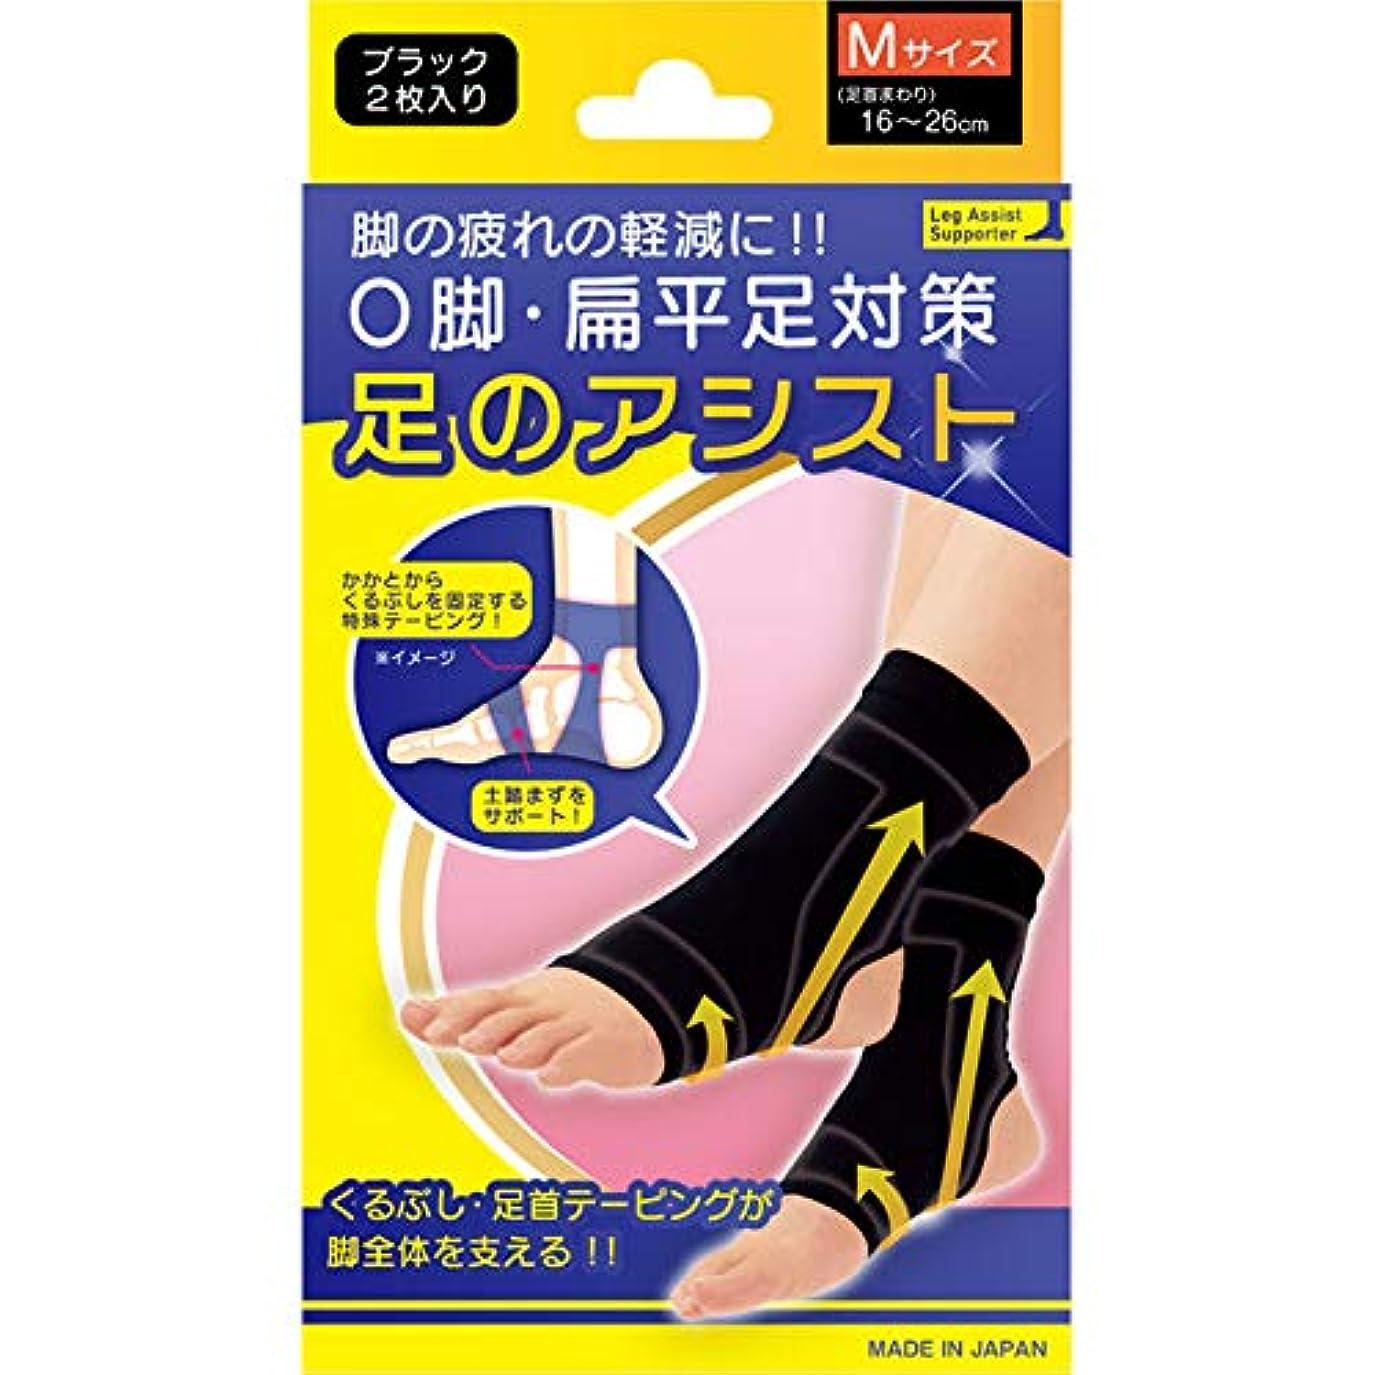 シャツ消化器英語の授業があります美脚足のアシスト ブラック 2枚入り Mサイズ(足首まわり16~26cm)